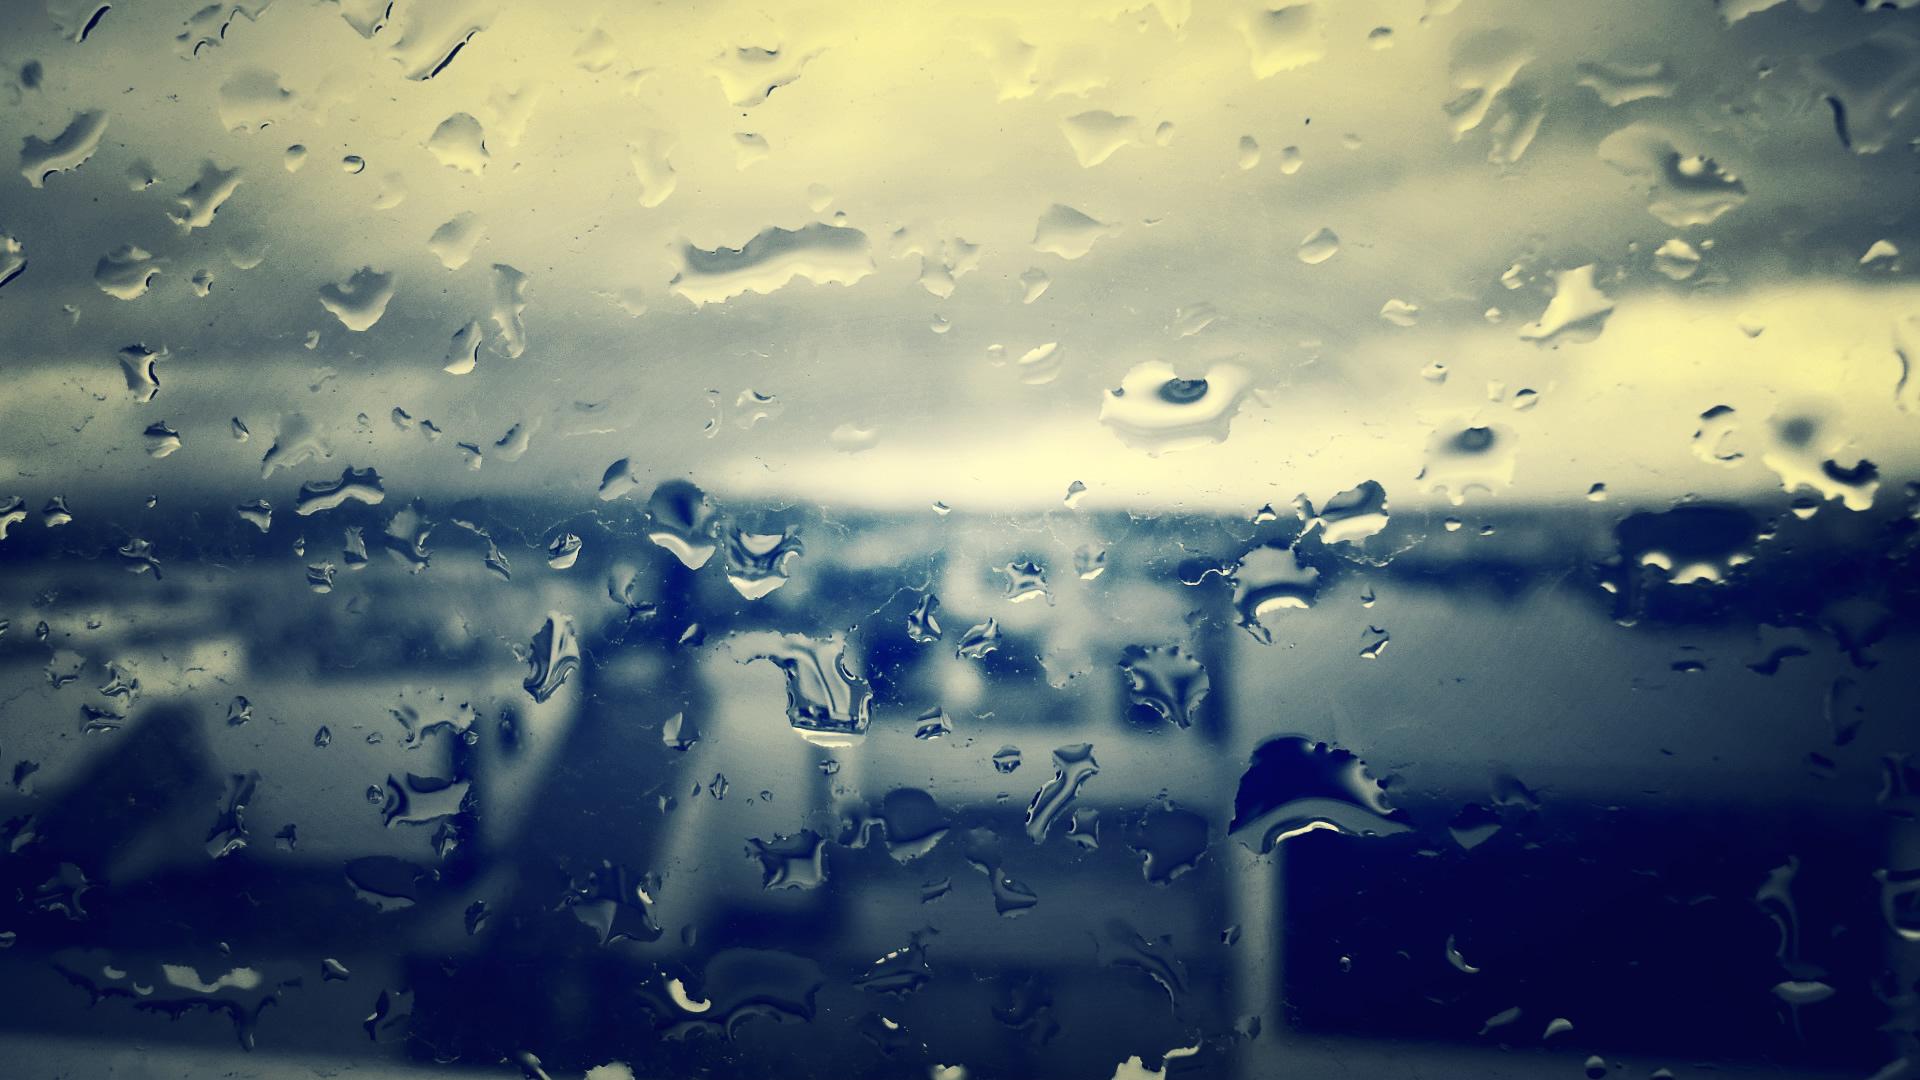 Rainy Day Wallpaper Images - WallpaperSafari